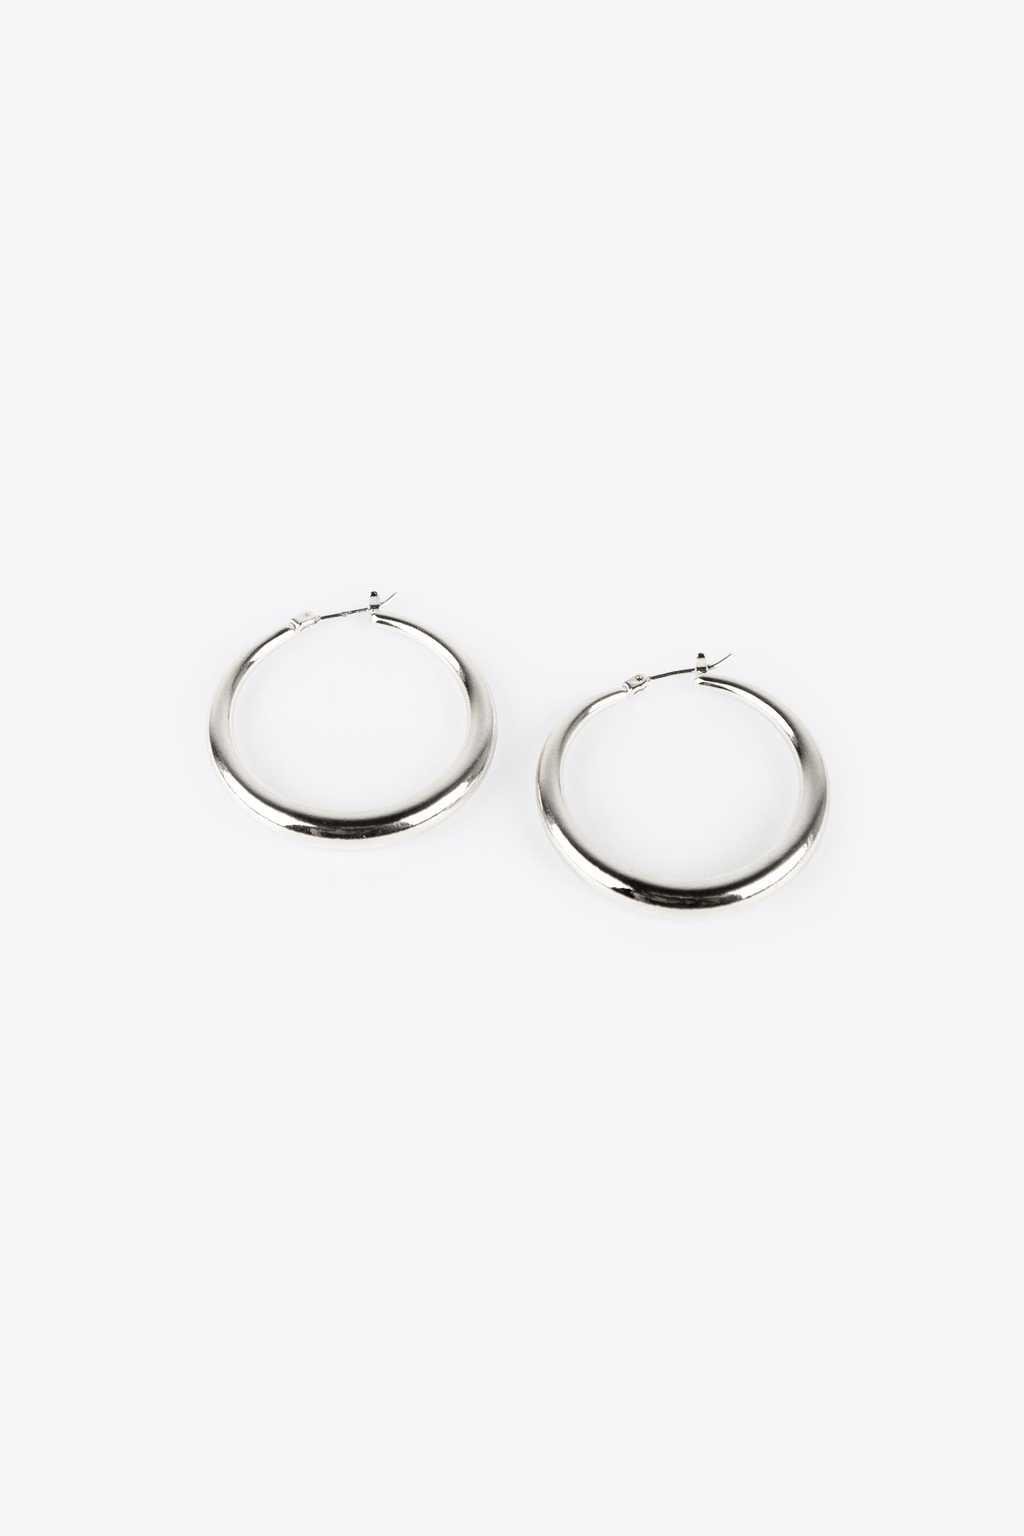 Earring H131 Silver 3